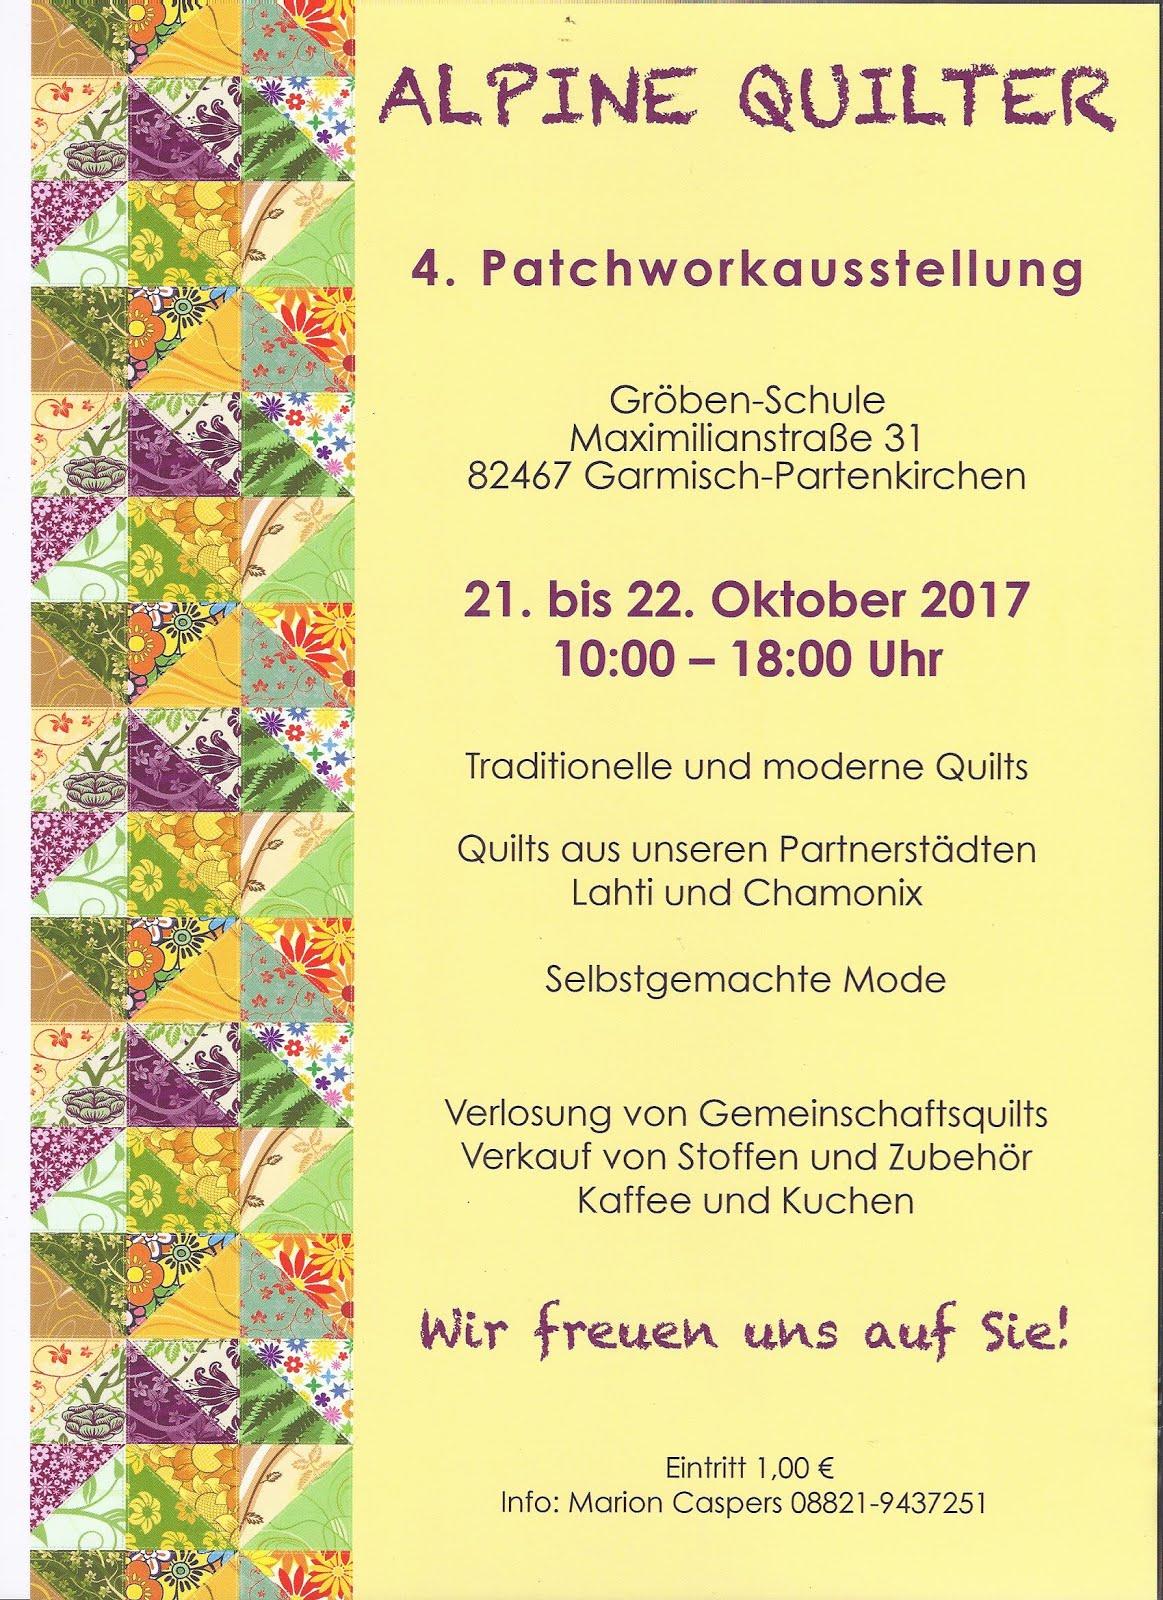 Patchworkausstellung  Alpinen Quilter.